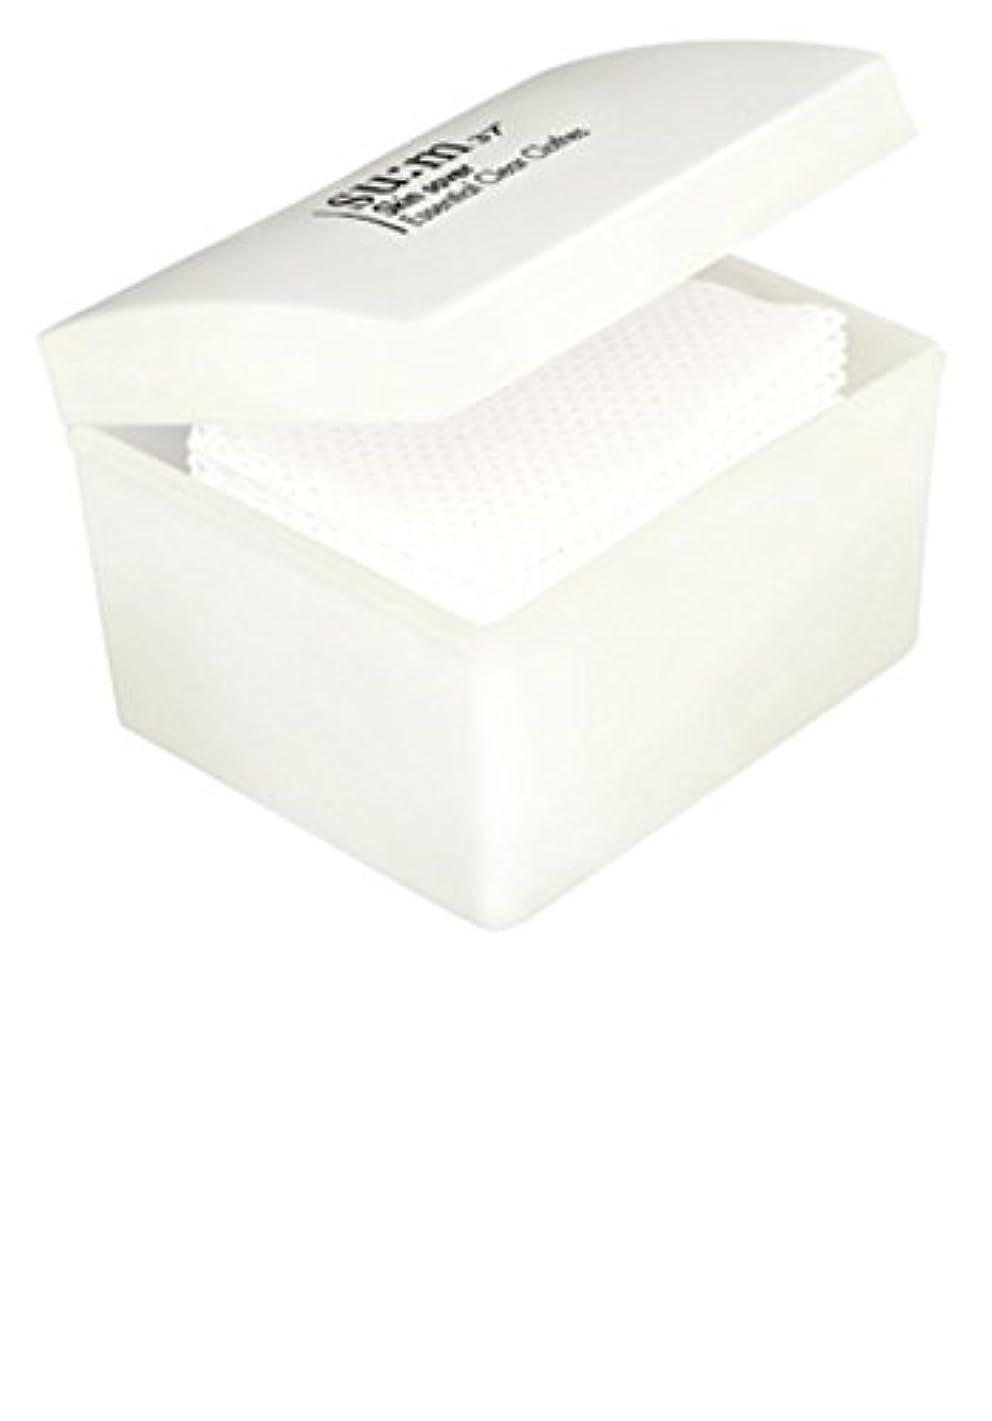 ピザと組む地理su:m37° Skin Saver Essential Cleansing Clothes 30 Sheets/スム37° スキン セーバー エッセンシャル クレンジング クロス 30枚